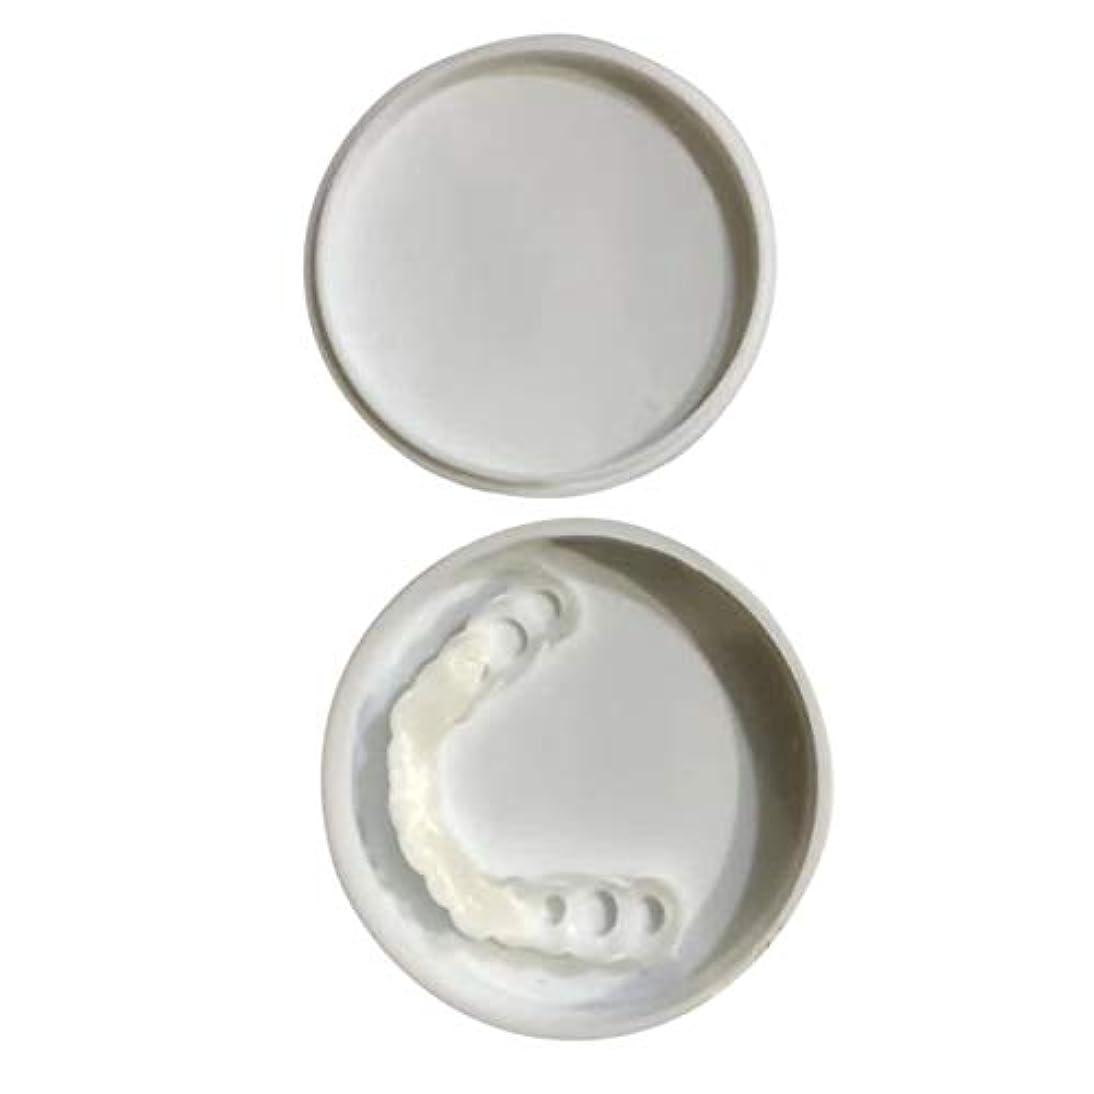 異常司書かご快適なスナップオン男性女性歯インスタントパーフェクトスマイルコンフォートフィットフレックス歯フィットホワイトニング笑顔偽歯カバー - ホワイト